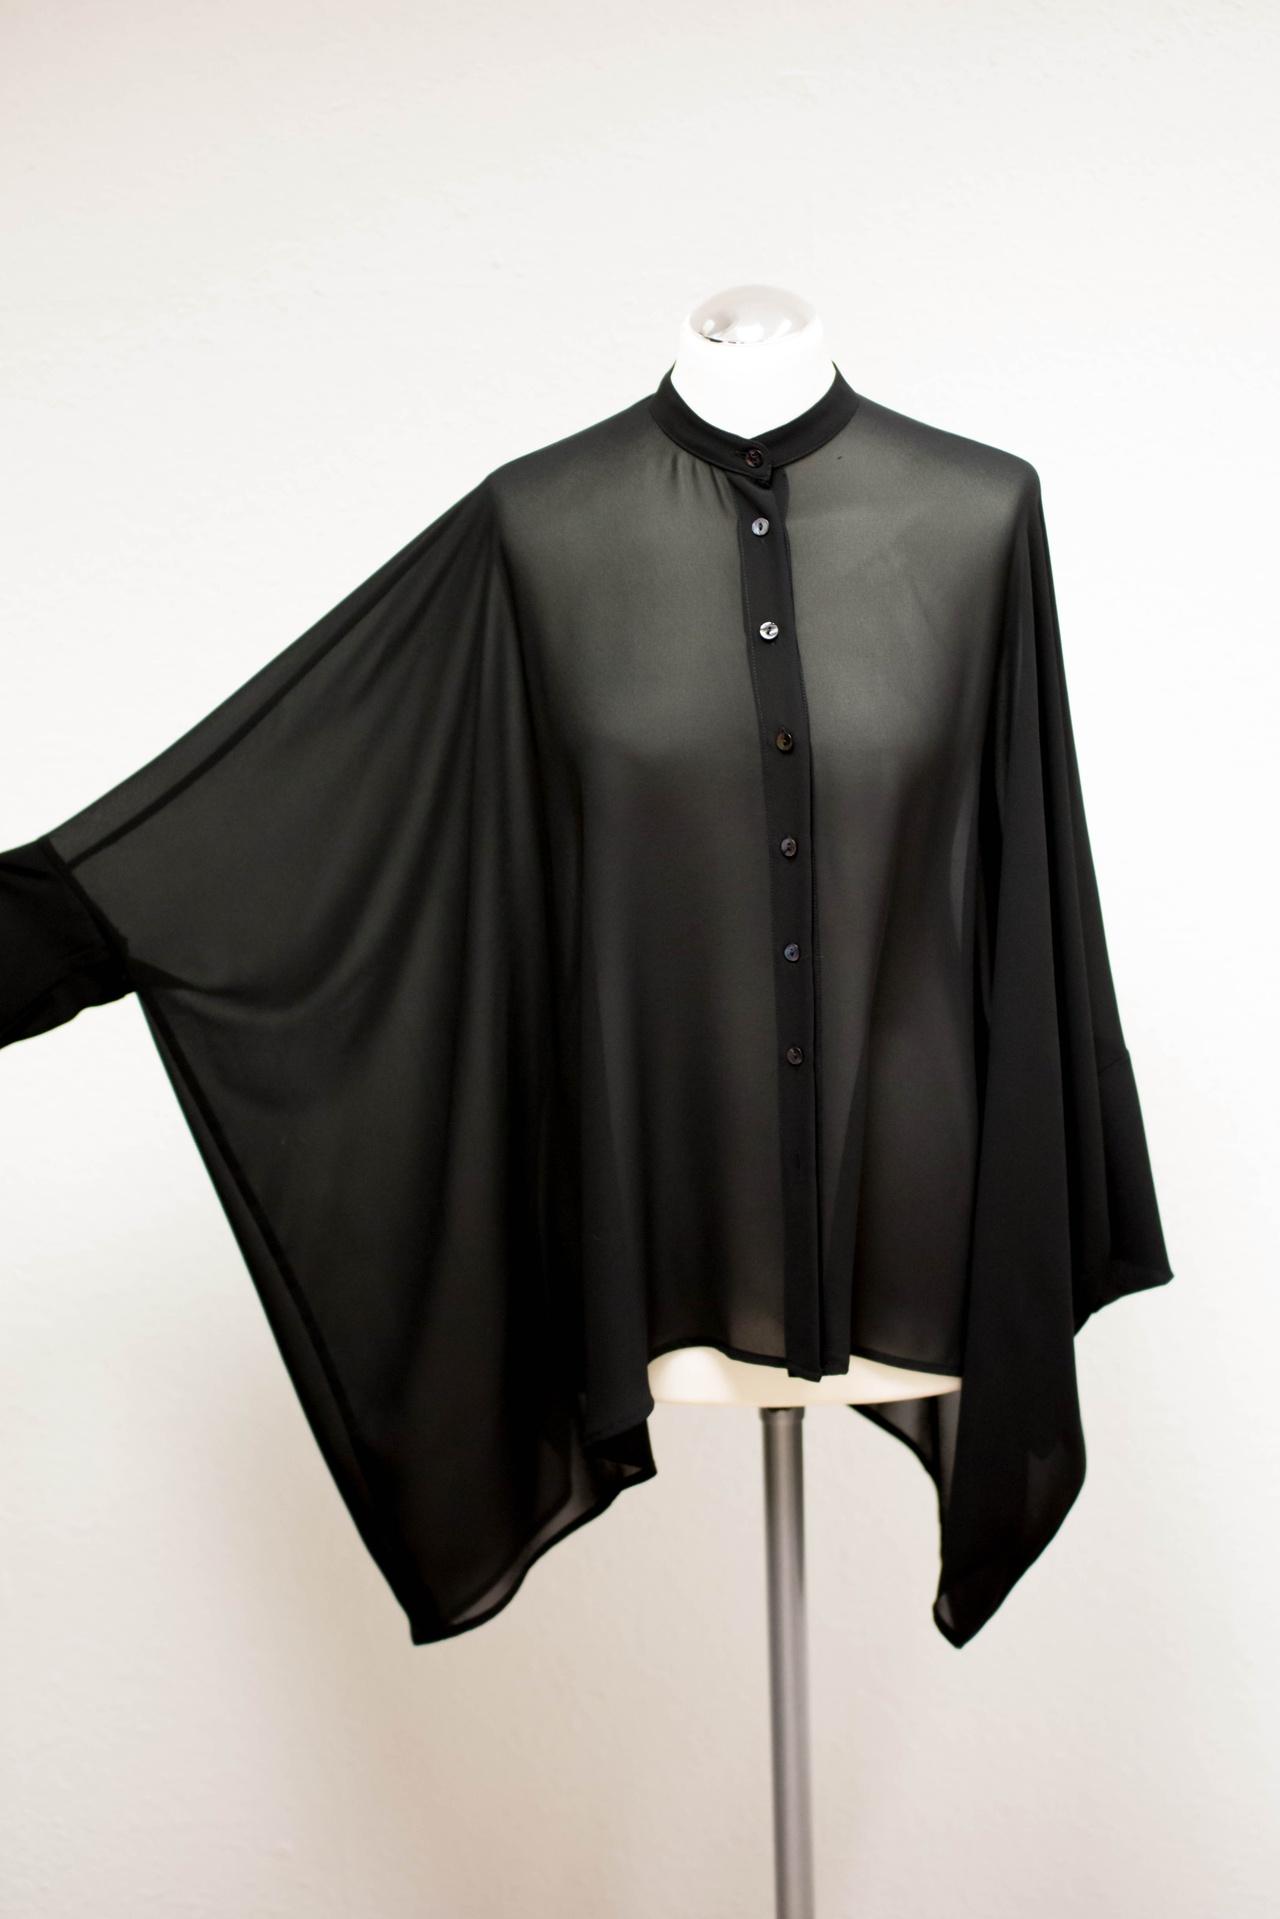 Schwarze Buse von Imperial Fashion Schwarze Buse von Imperial Fashion 38 1